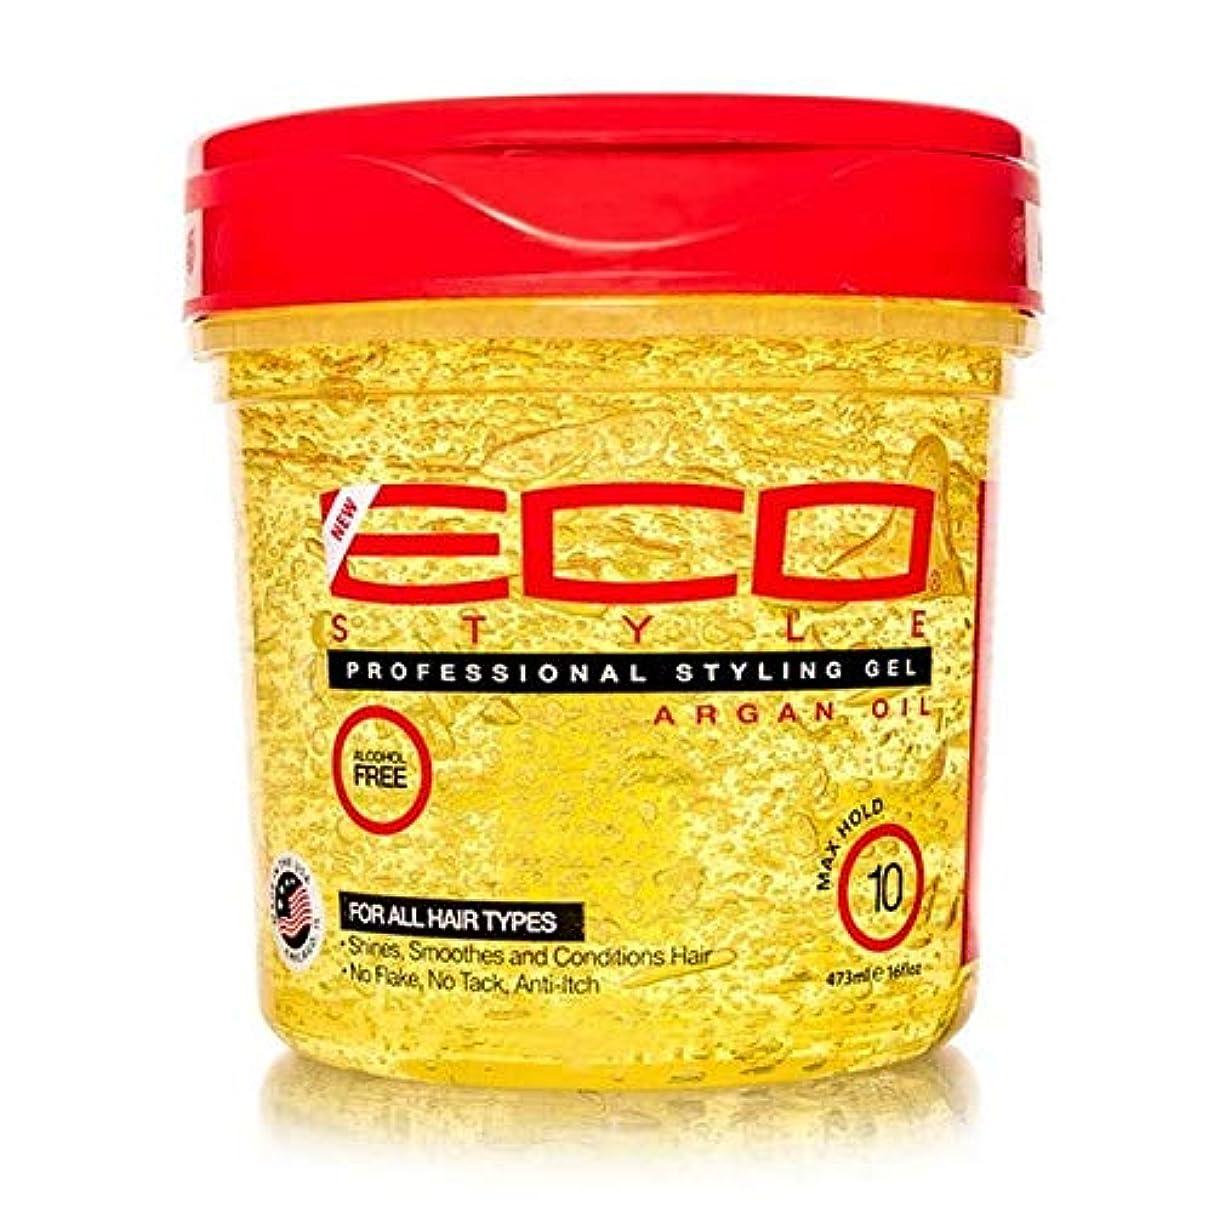 食事観光に行くこだわり[ECO STYLER ] エコスタイラモロッコアルガン油スタイリングゲル473ミリリットル - ECO Styler Moroccan Argan Oil Styling Gel 473ml [並行輸入品]